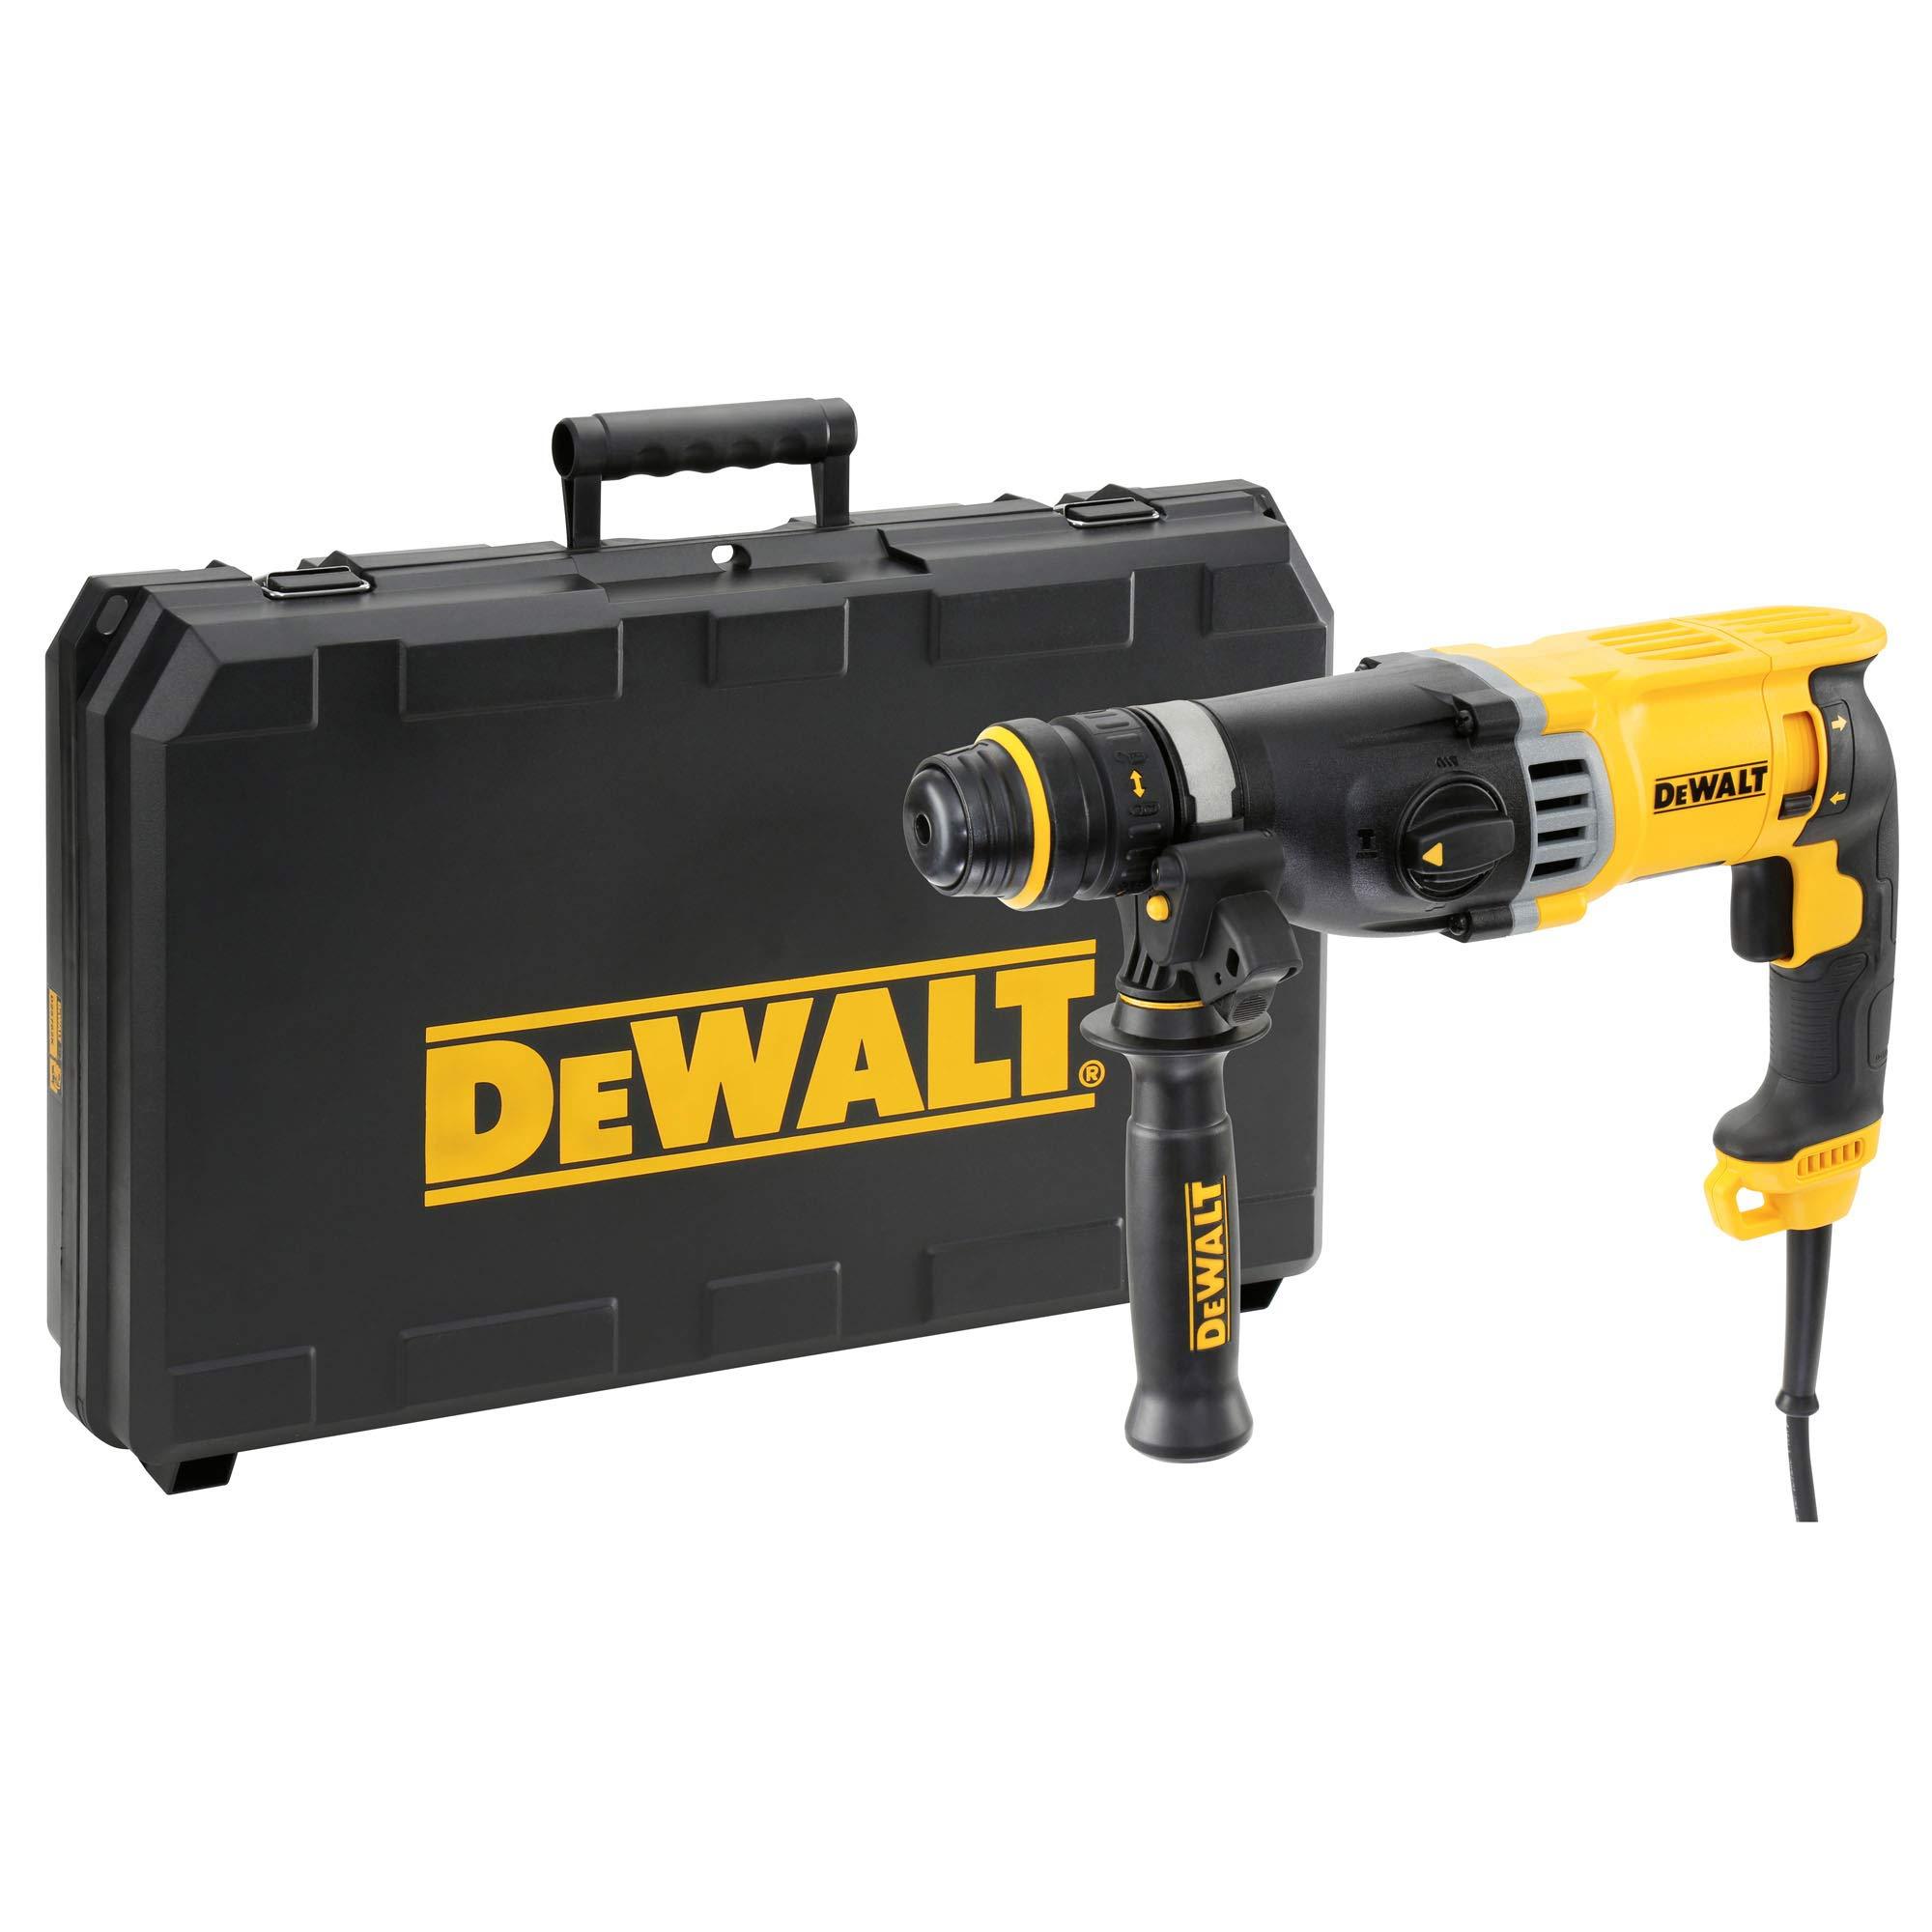 DeWalt-SDS-plus-Kombibohrhammer-Schlagbohrmaschine-900-Watt-max-Bohrleistung-Beton-26-mm-Schnellwechsel-Bohrfutter-Drehstopp-fr-Meielarbeiten-Sicherheitskupplung-D25144K